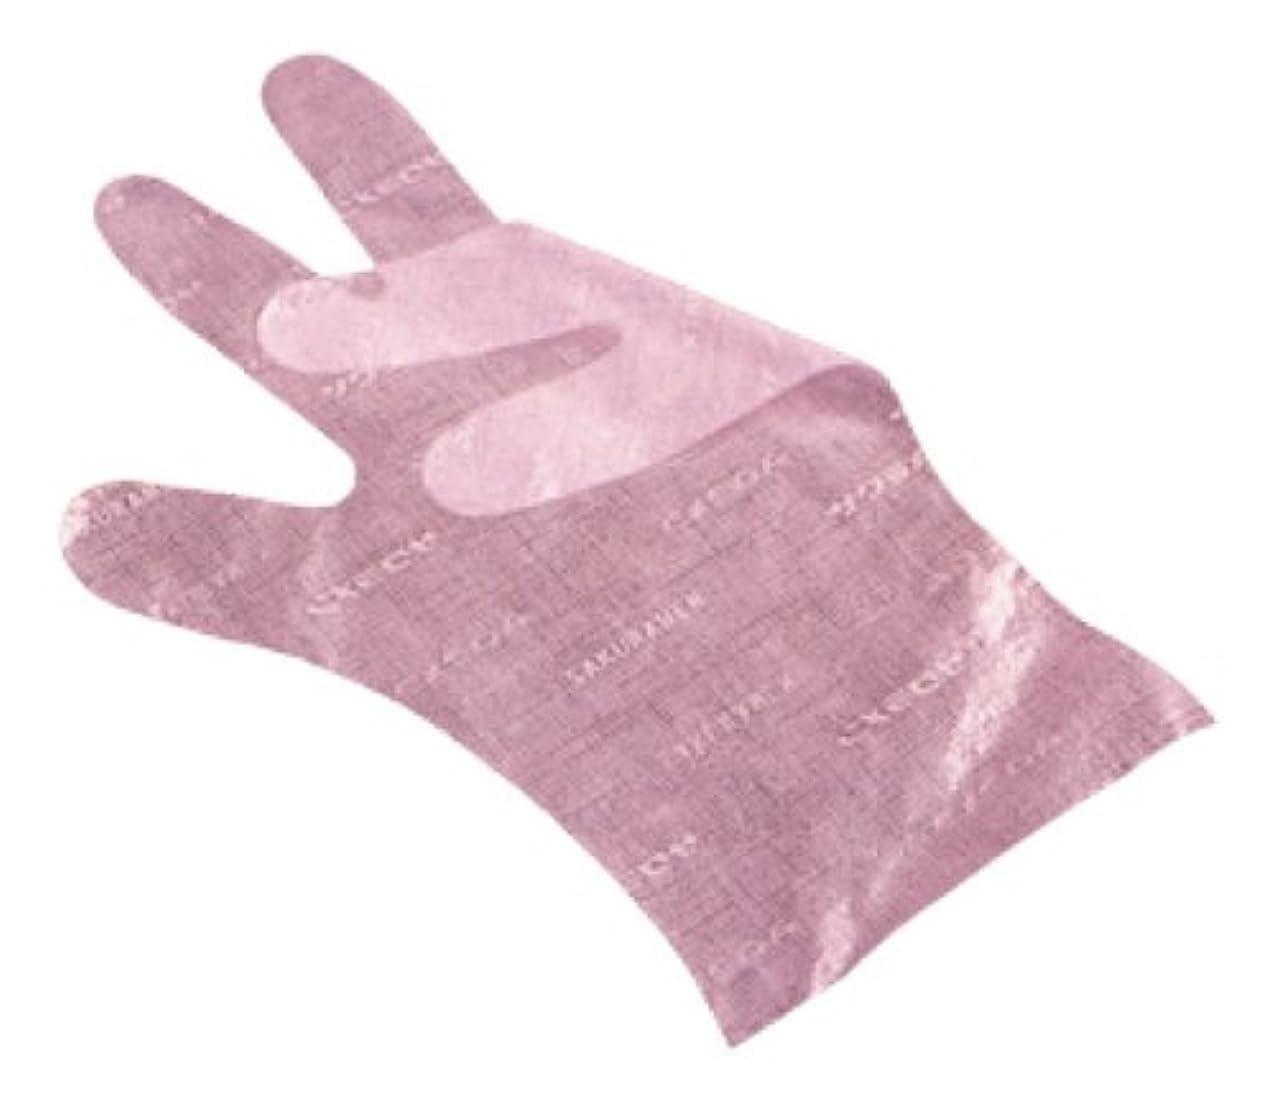 細菌タクト請求可能サクラメン手袋 デラックス(100枚入)L ピンク 35μ